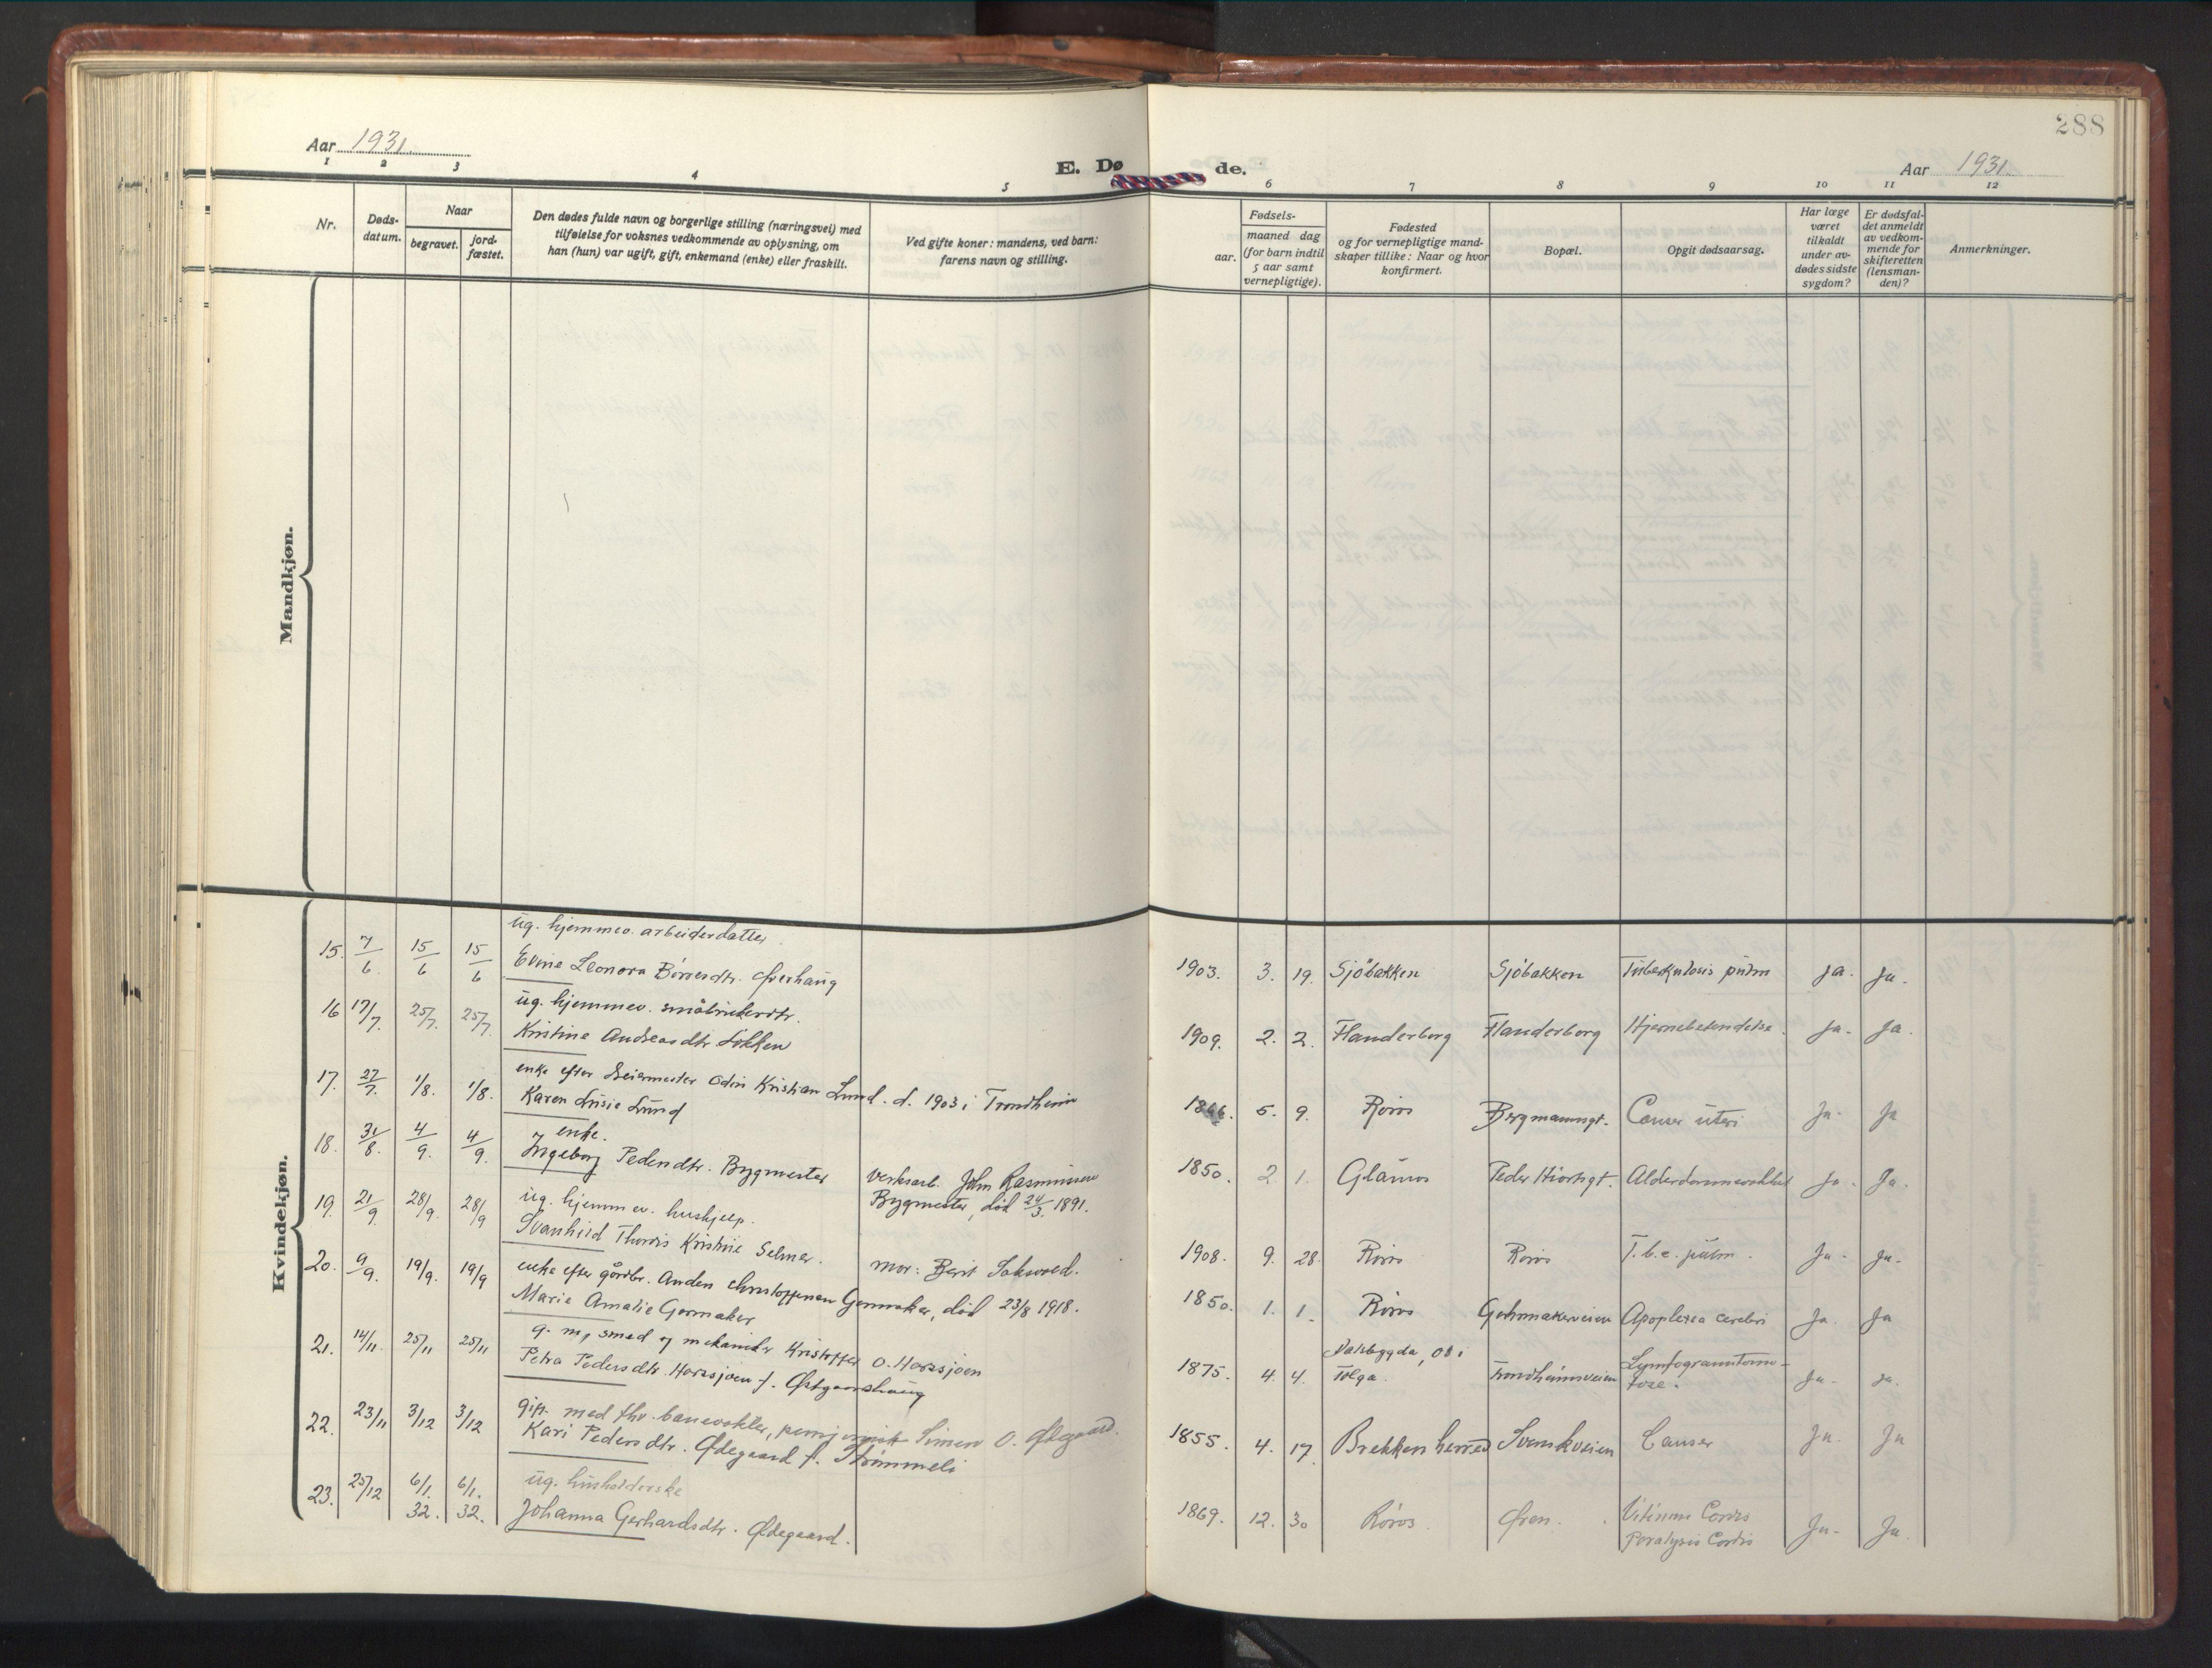 SAT, Ministerialprotokoller, klokkerbøker og fødselsregistre - Sør-Trøndelag, 681/L0943: Klokkerbok nr. 681C07, 1926-1954, s. 288